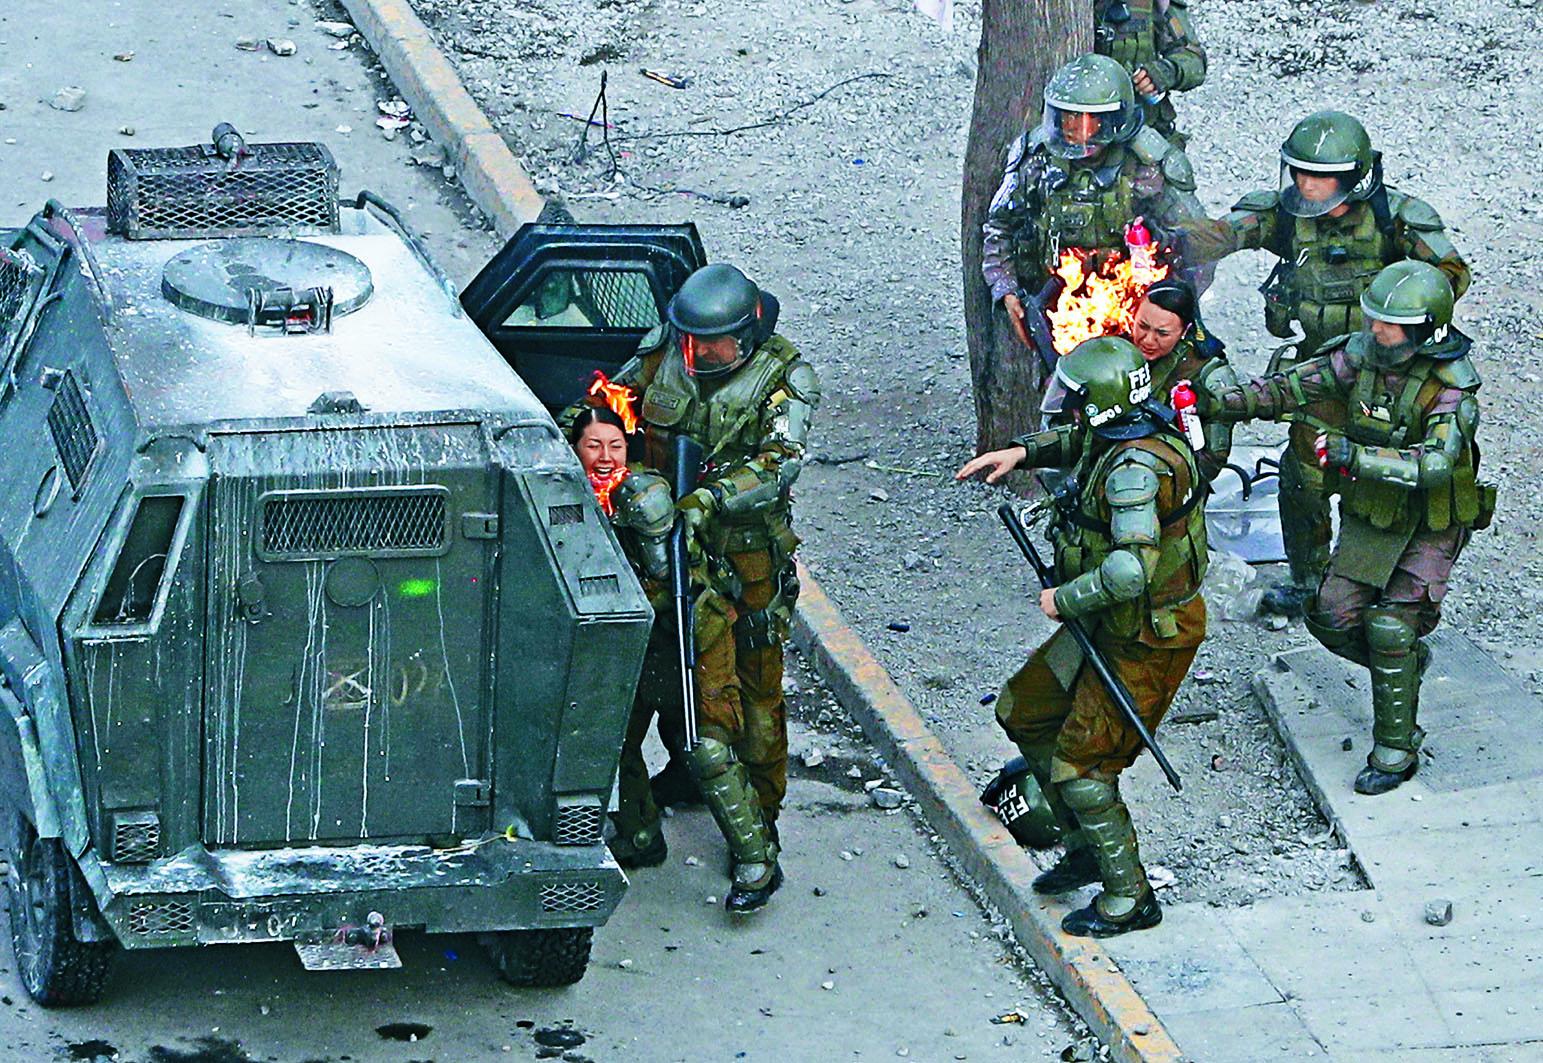 智利首都聖地亞哥周一有反政府示威者向警察擲汽油彈,警員身上起火,同僚跑來幫助撲火。 美聯社